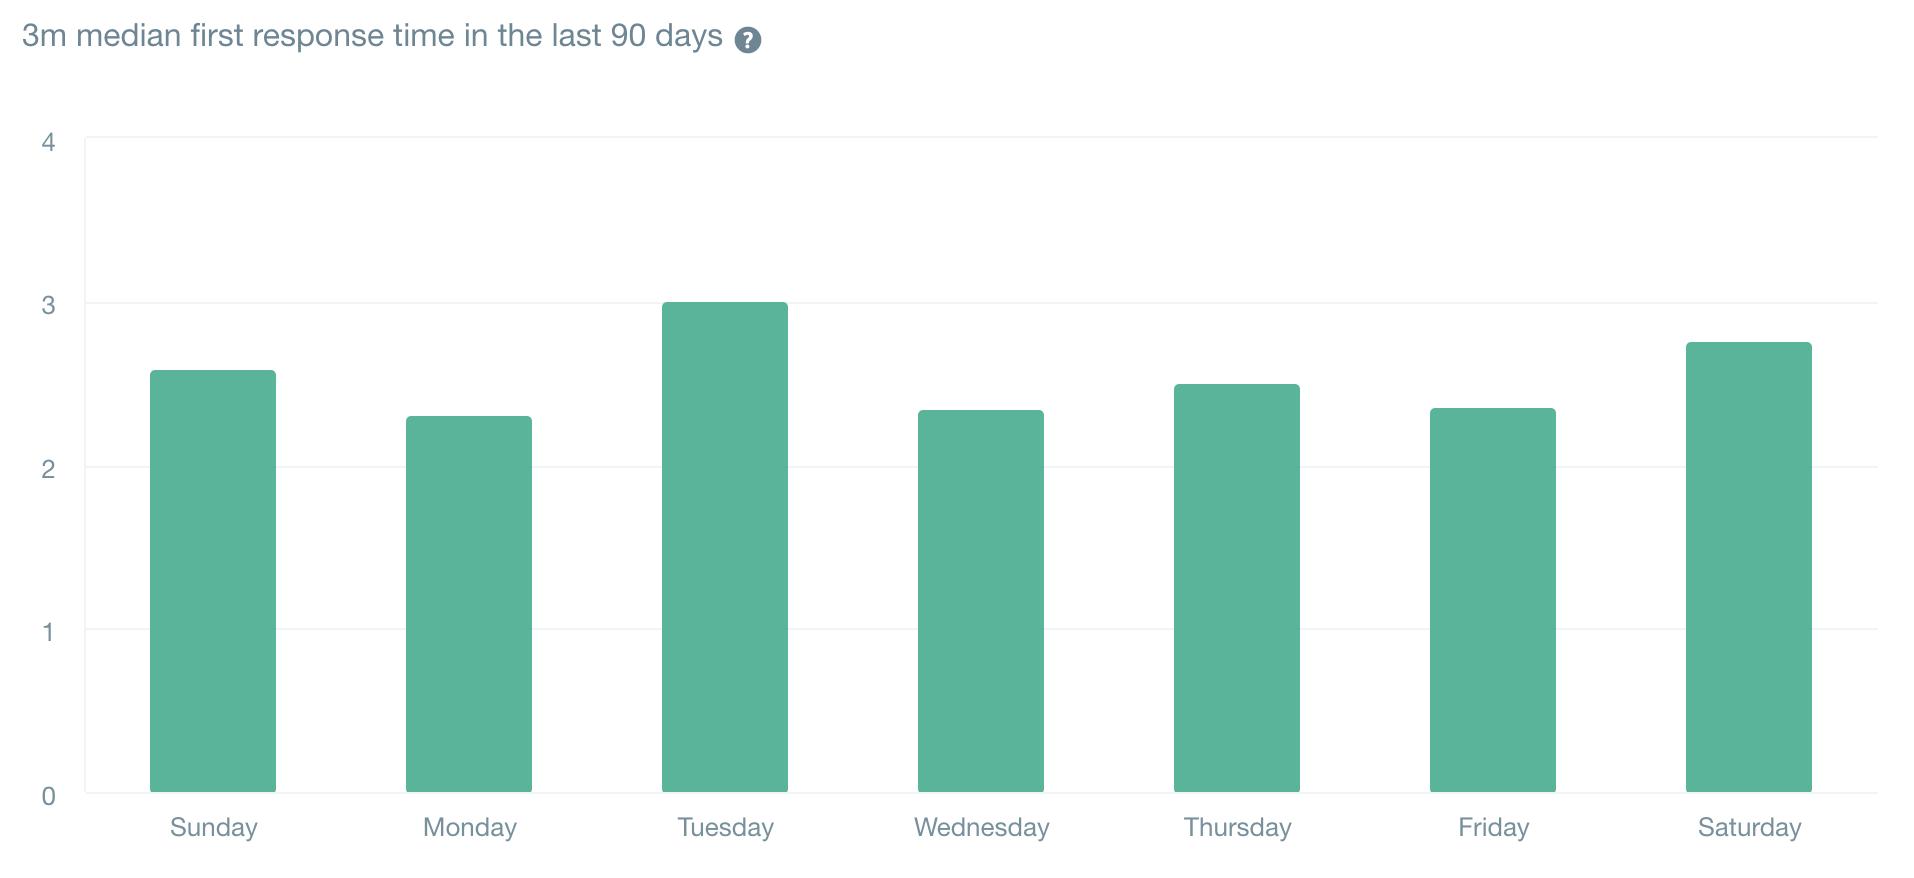 直近90日の初回回答時間の中央値は「3分」